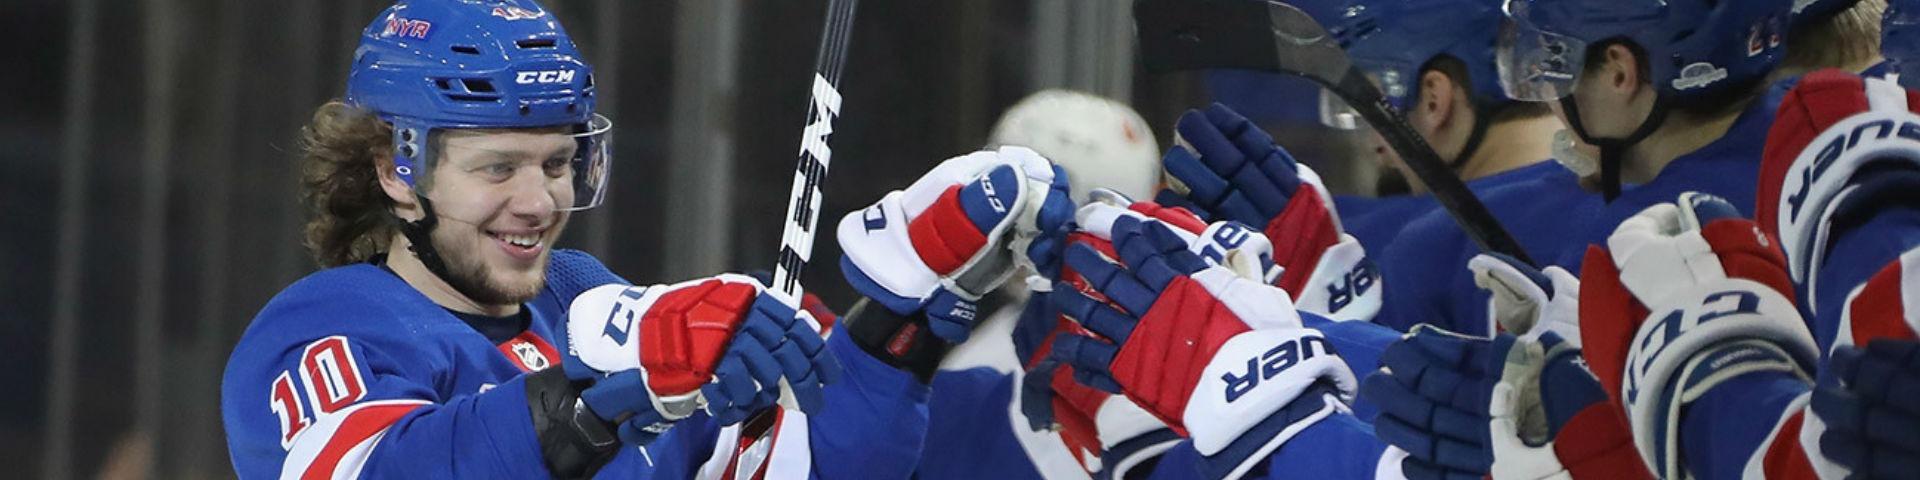 Наши в НХЛ: пять очков Панарина, дубль Овечкина, шайба Барбашева